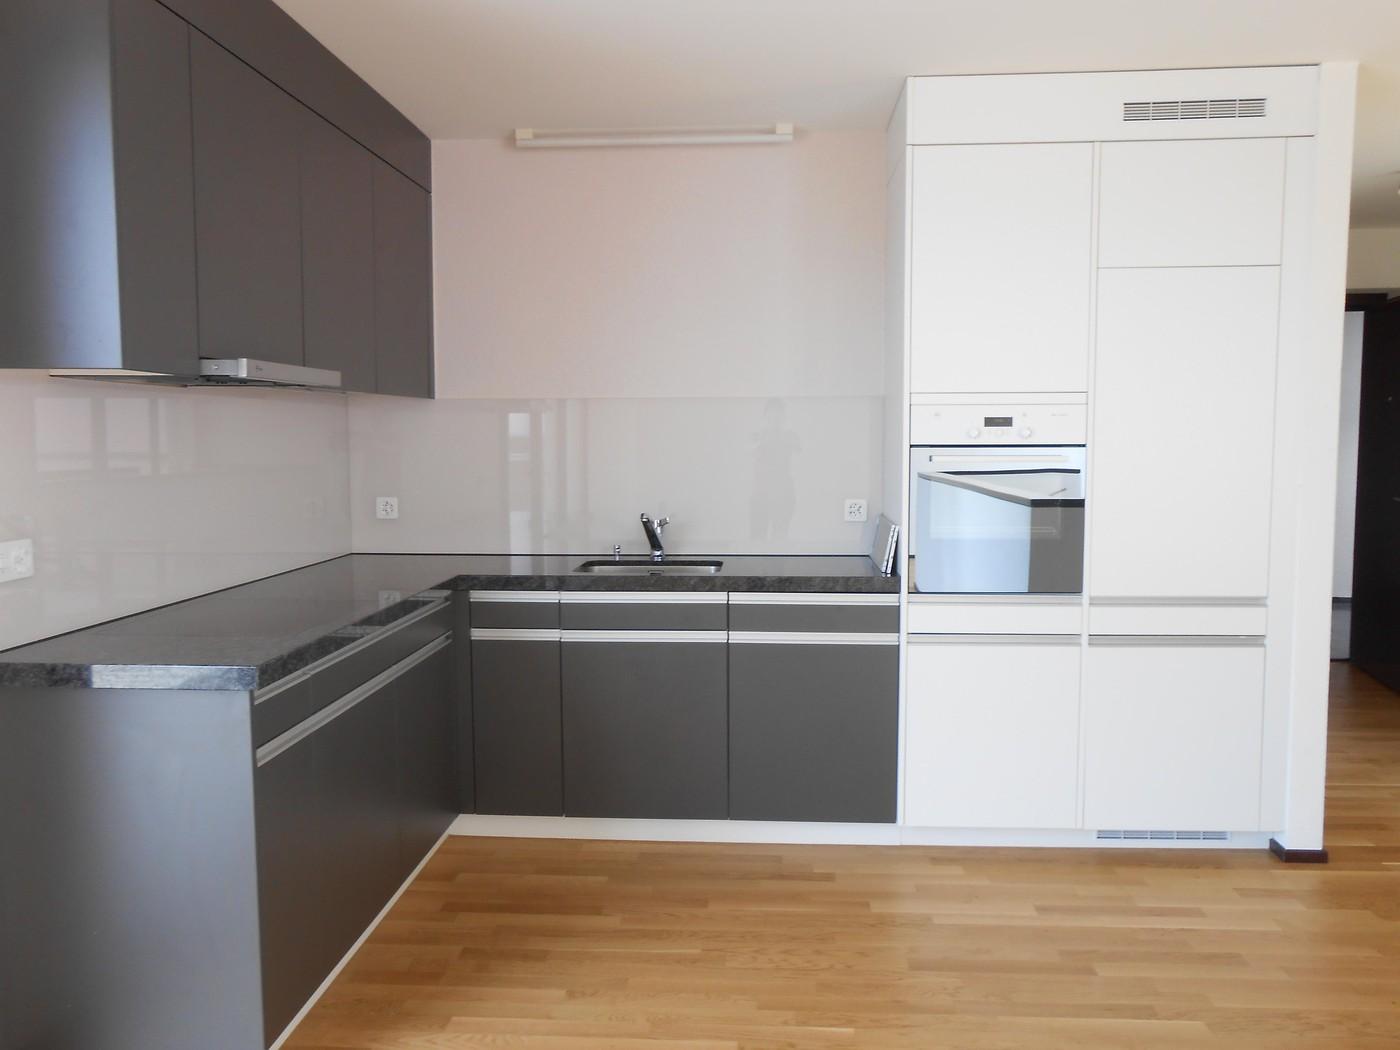 4 Zimmer Maisonette In Zurich Mieten Flatfox